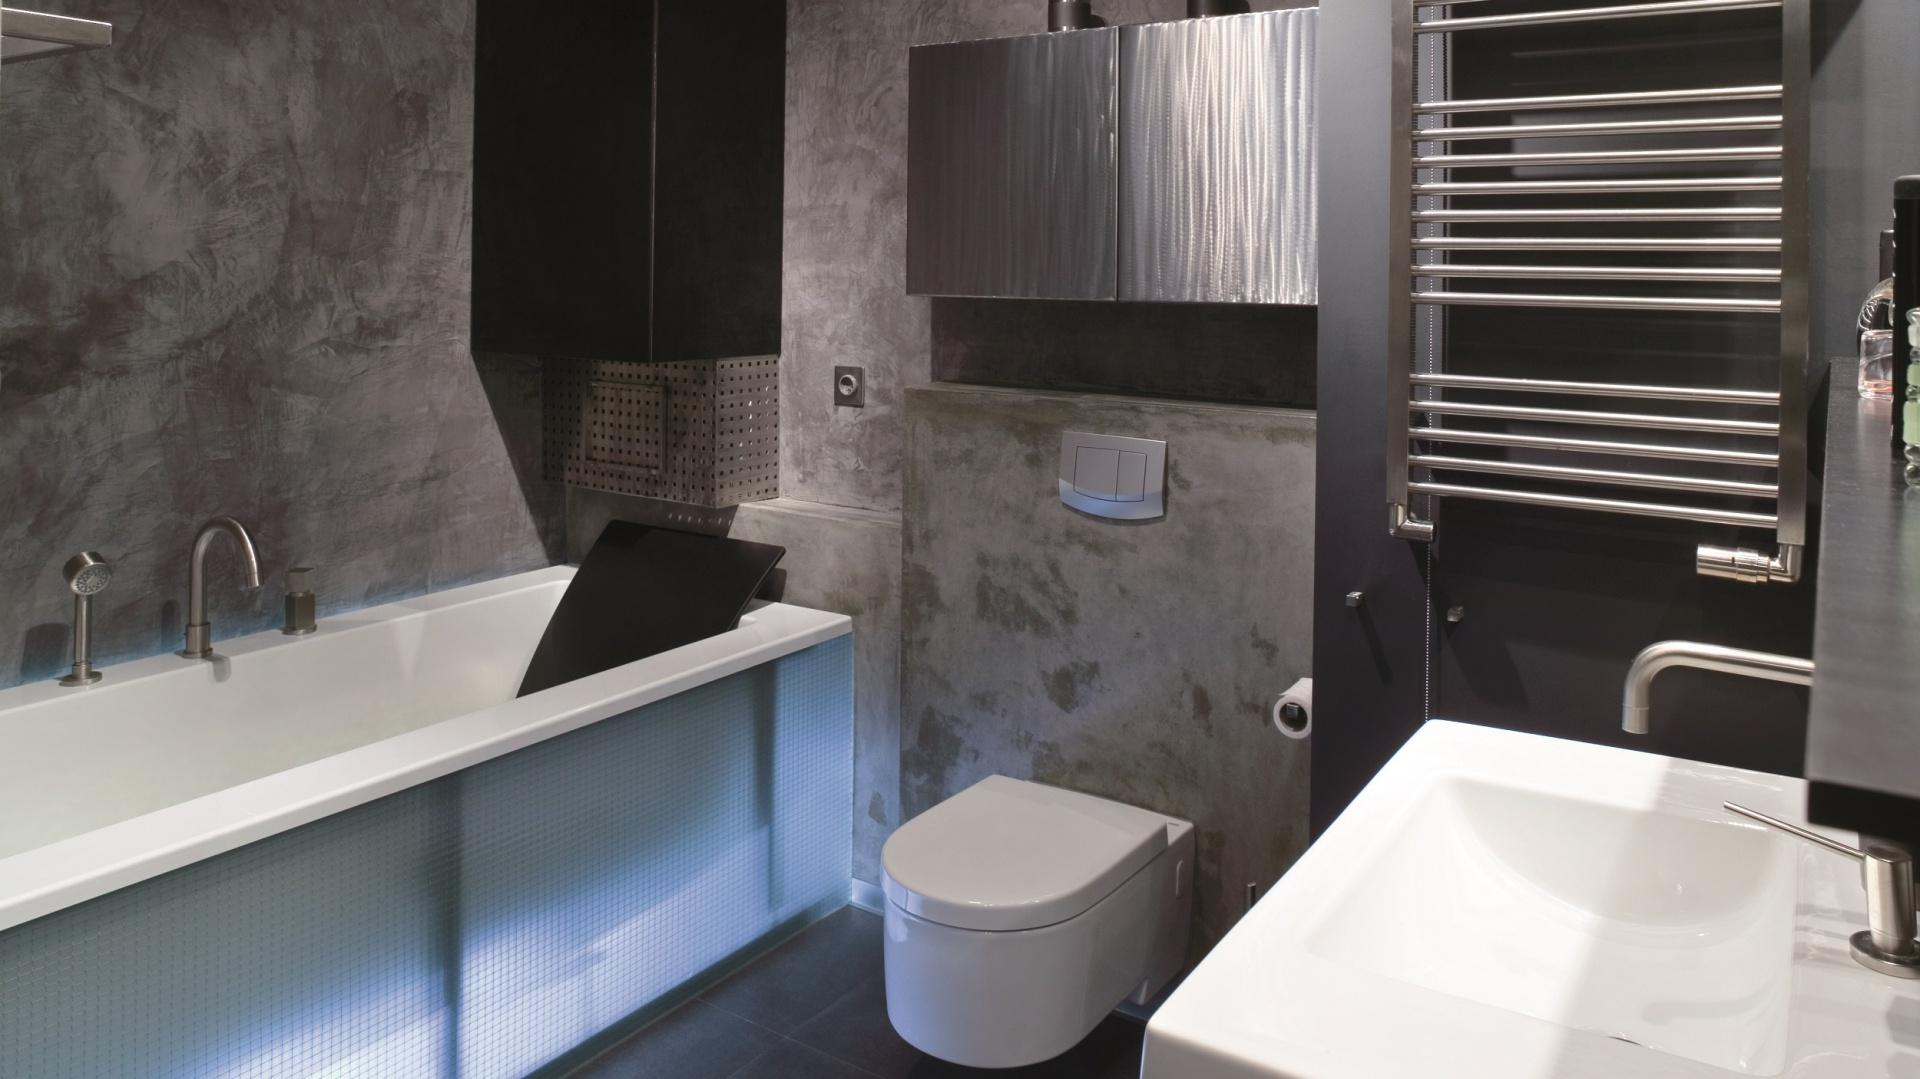 łazienka W Stylu Loft 15 Wnętrz Z Polskich Domów